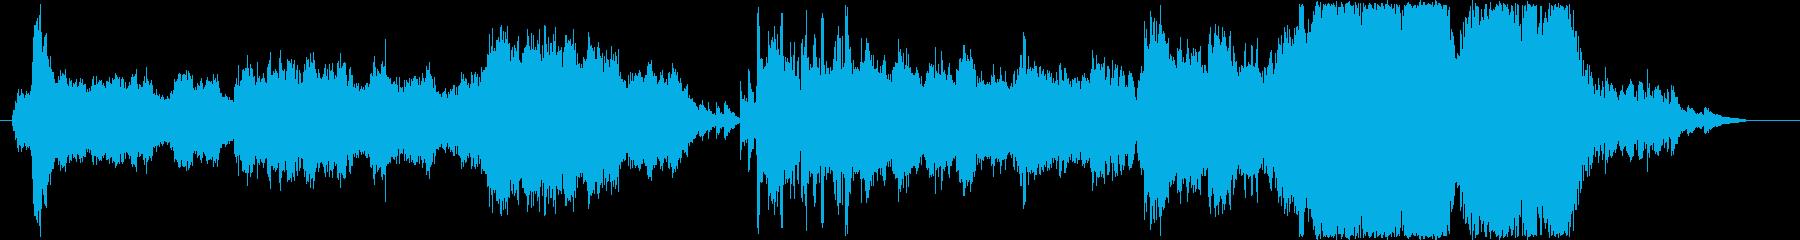 広々、のんびりとしたオケ曲の再生済みの波形